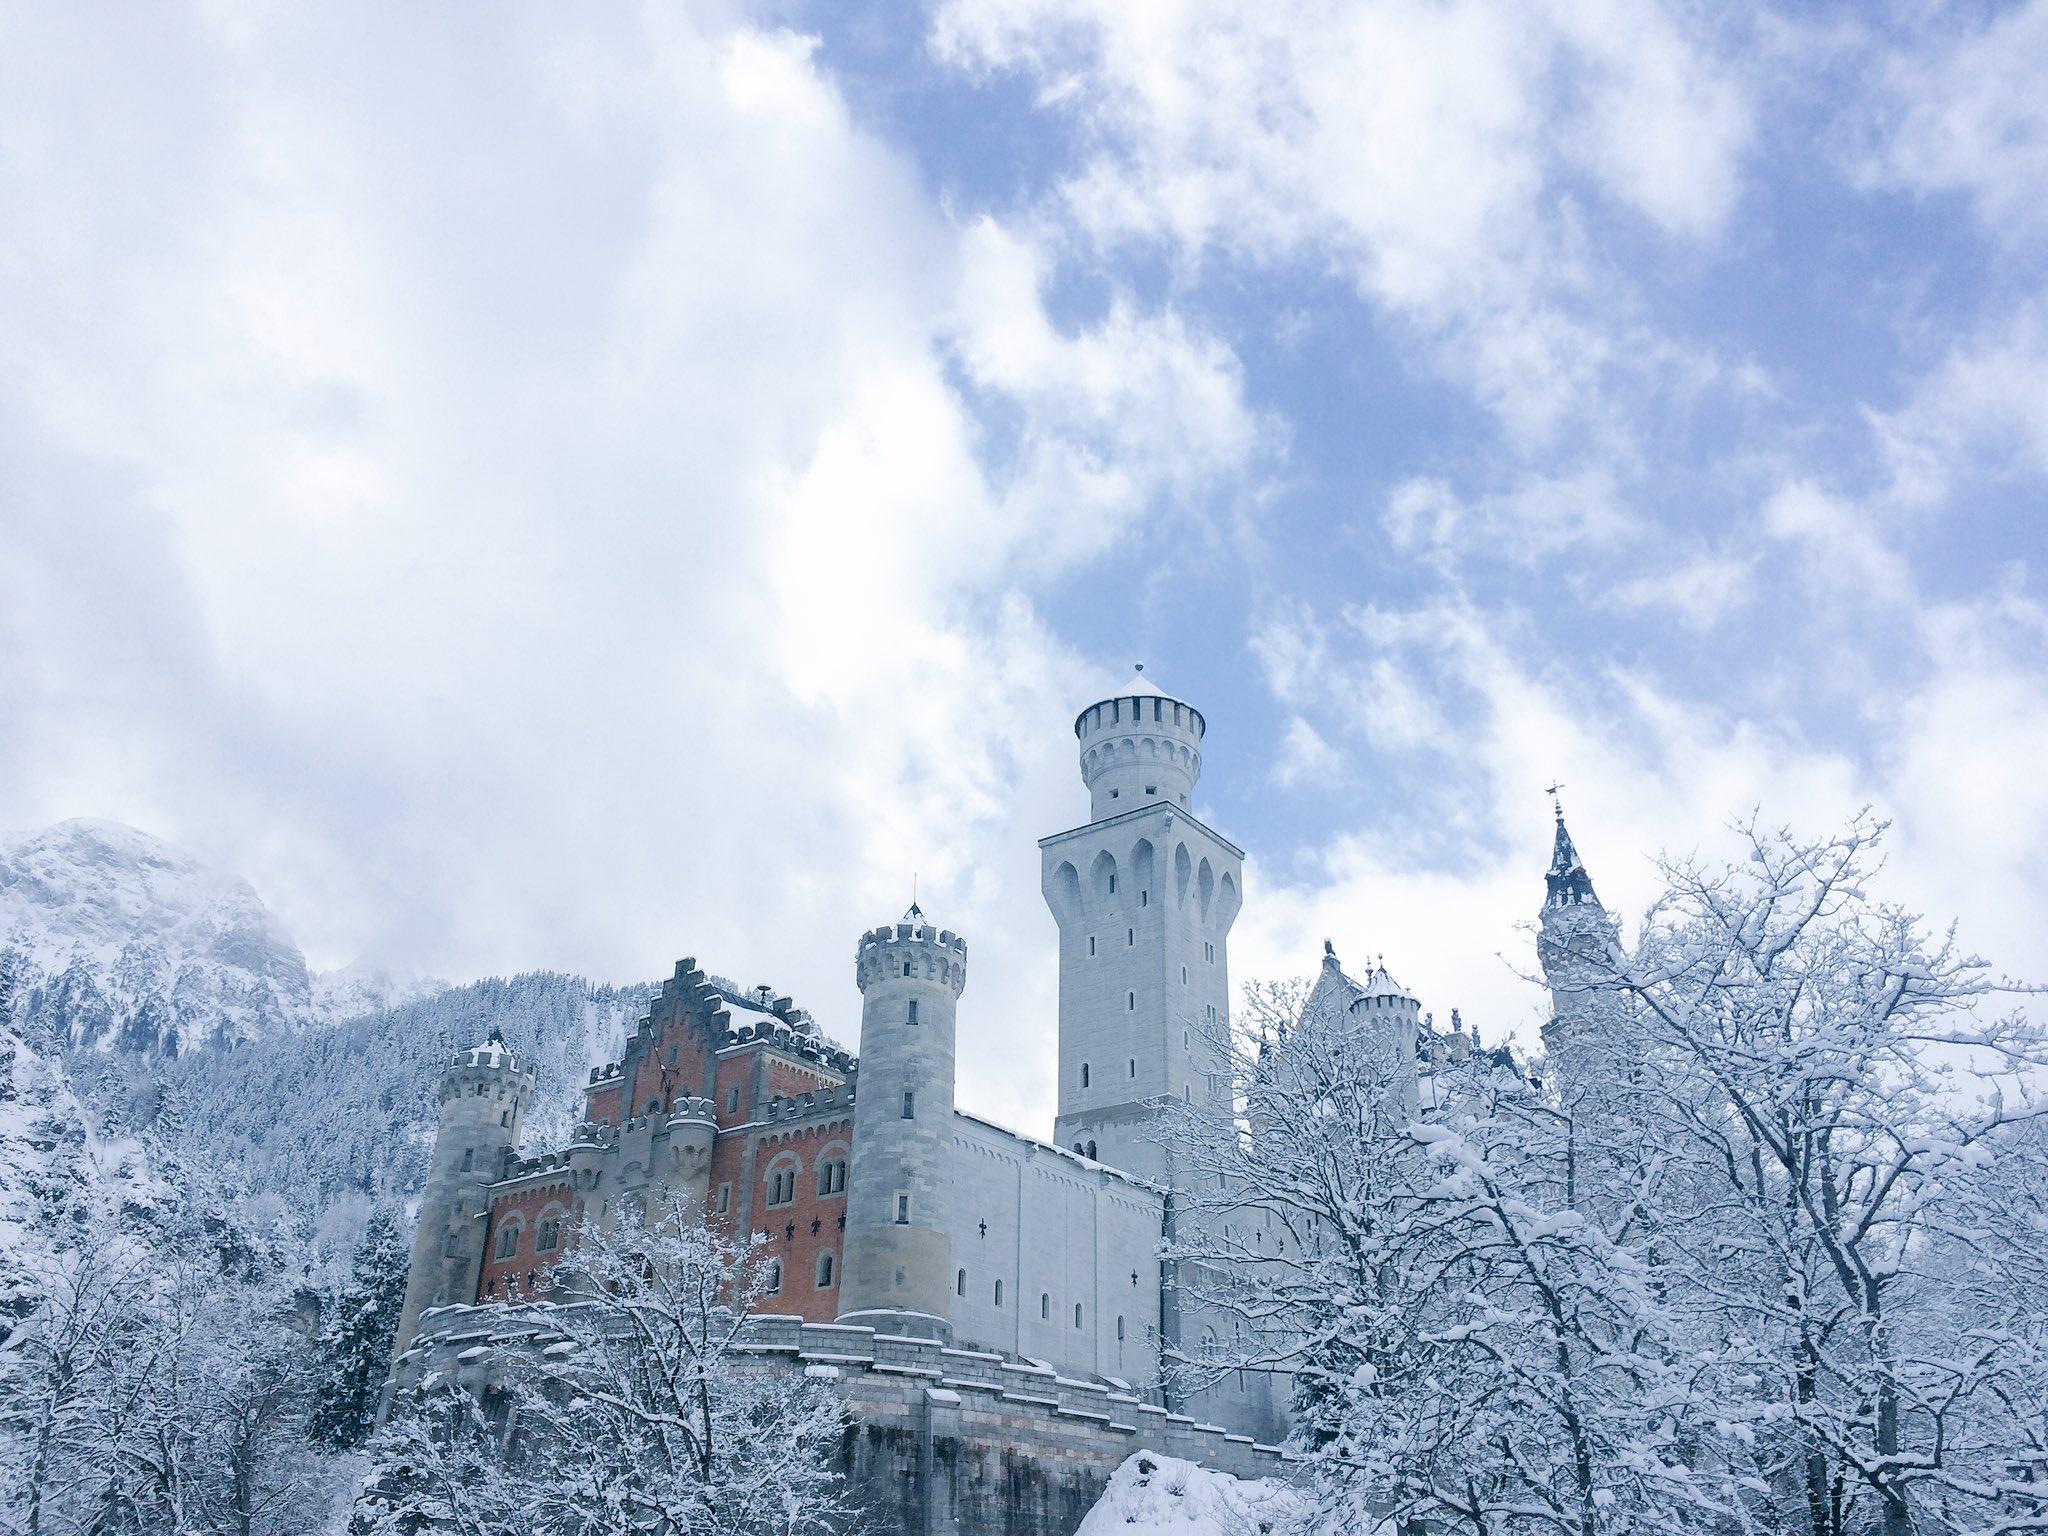 雪化粧を施されたノイシュバンシュタイン城の美しさはもはやプライスレスww